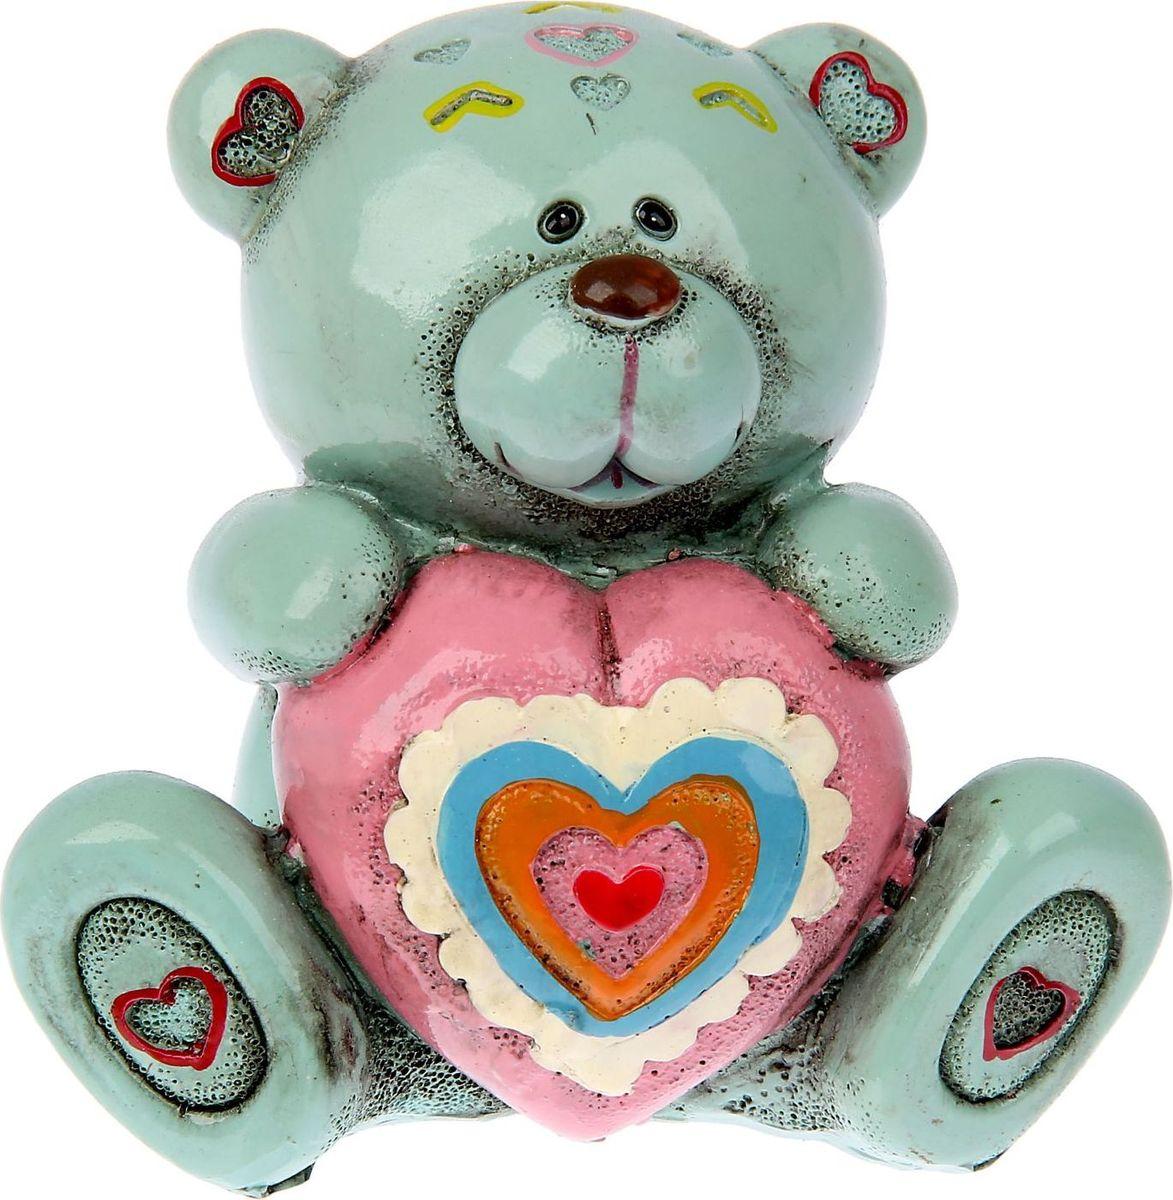 Копилка Мишка с розовым сердцем, 8 х 9,8 х 9 см865505Посмотрите на этого миленького медвежонка, это не просто сувенир – это копилка. Она станет подходящим подарком на 14 февраля, годовщину или значимую для вас дату. Копилка Мишка с розовым сердцем будет бережно хранить каждую монетку, которая попадет в ее хранилище.Копилка является многоразовой, что позволит вам воспользоваться накопленными деньгами в любой момент.